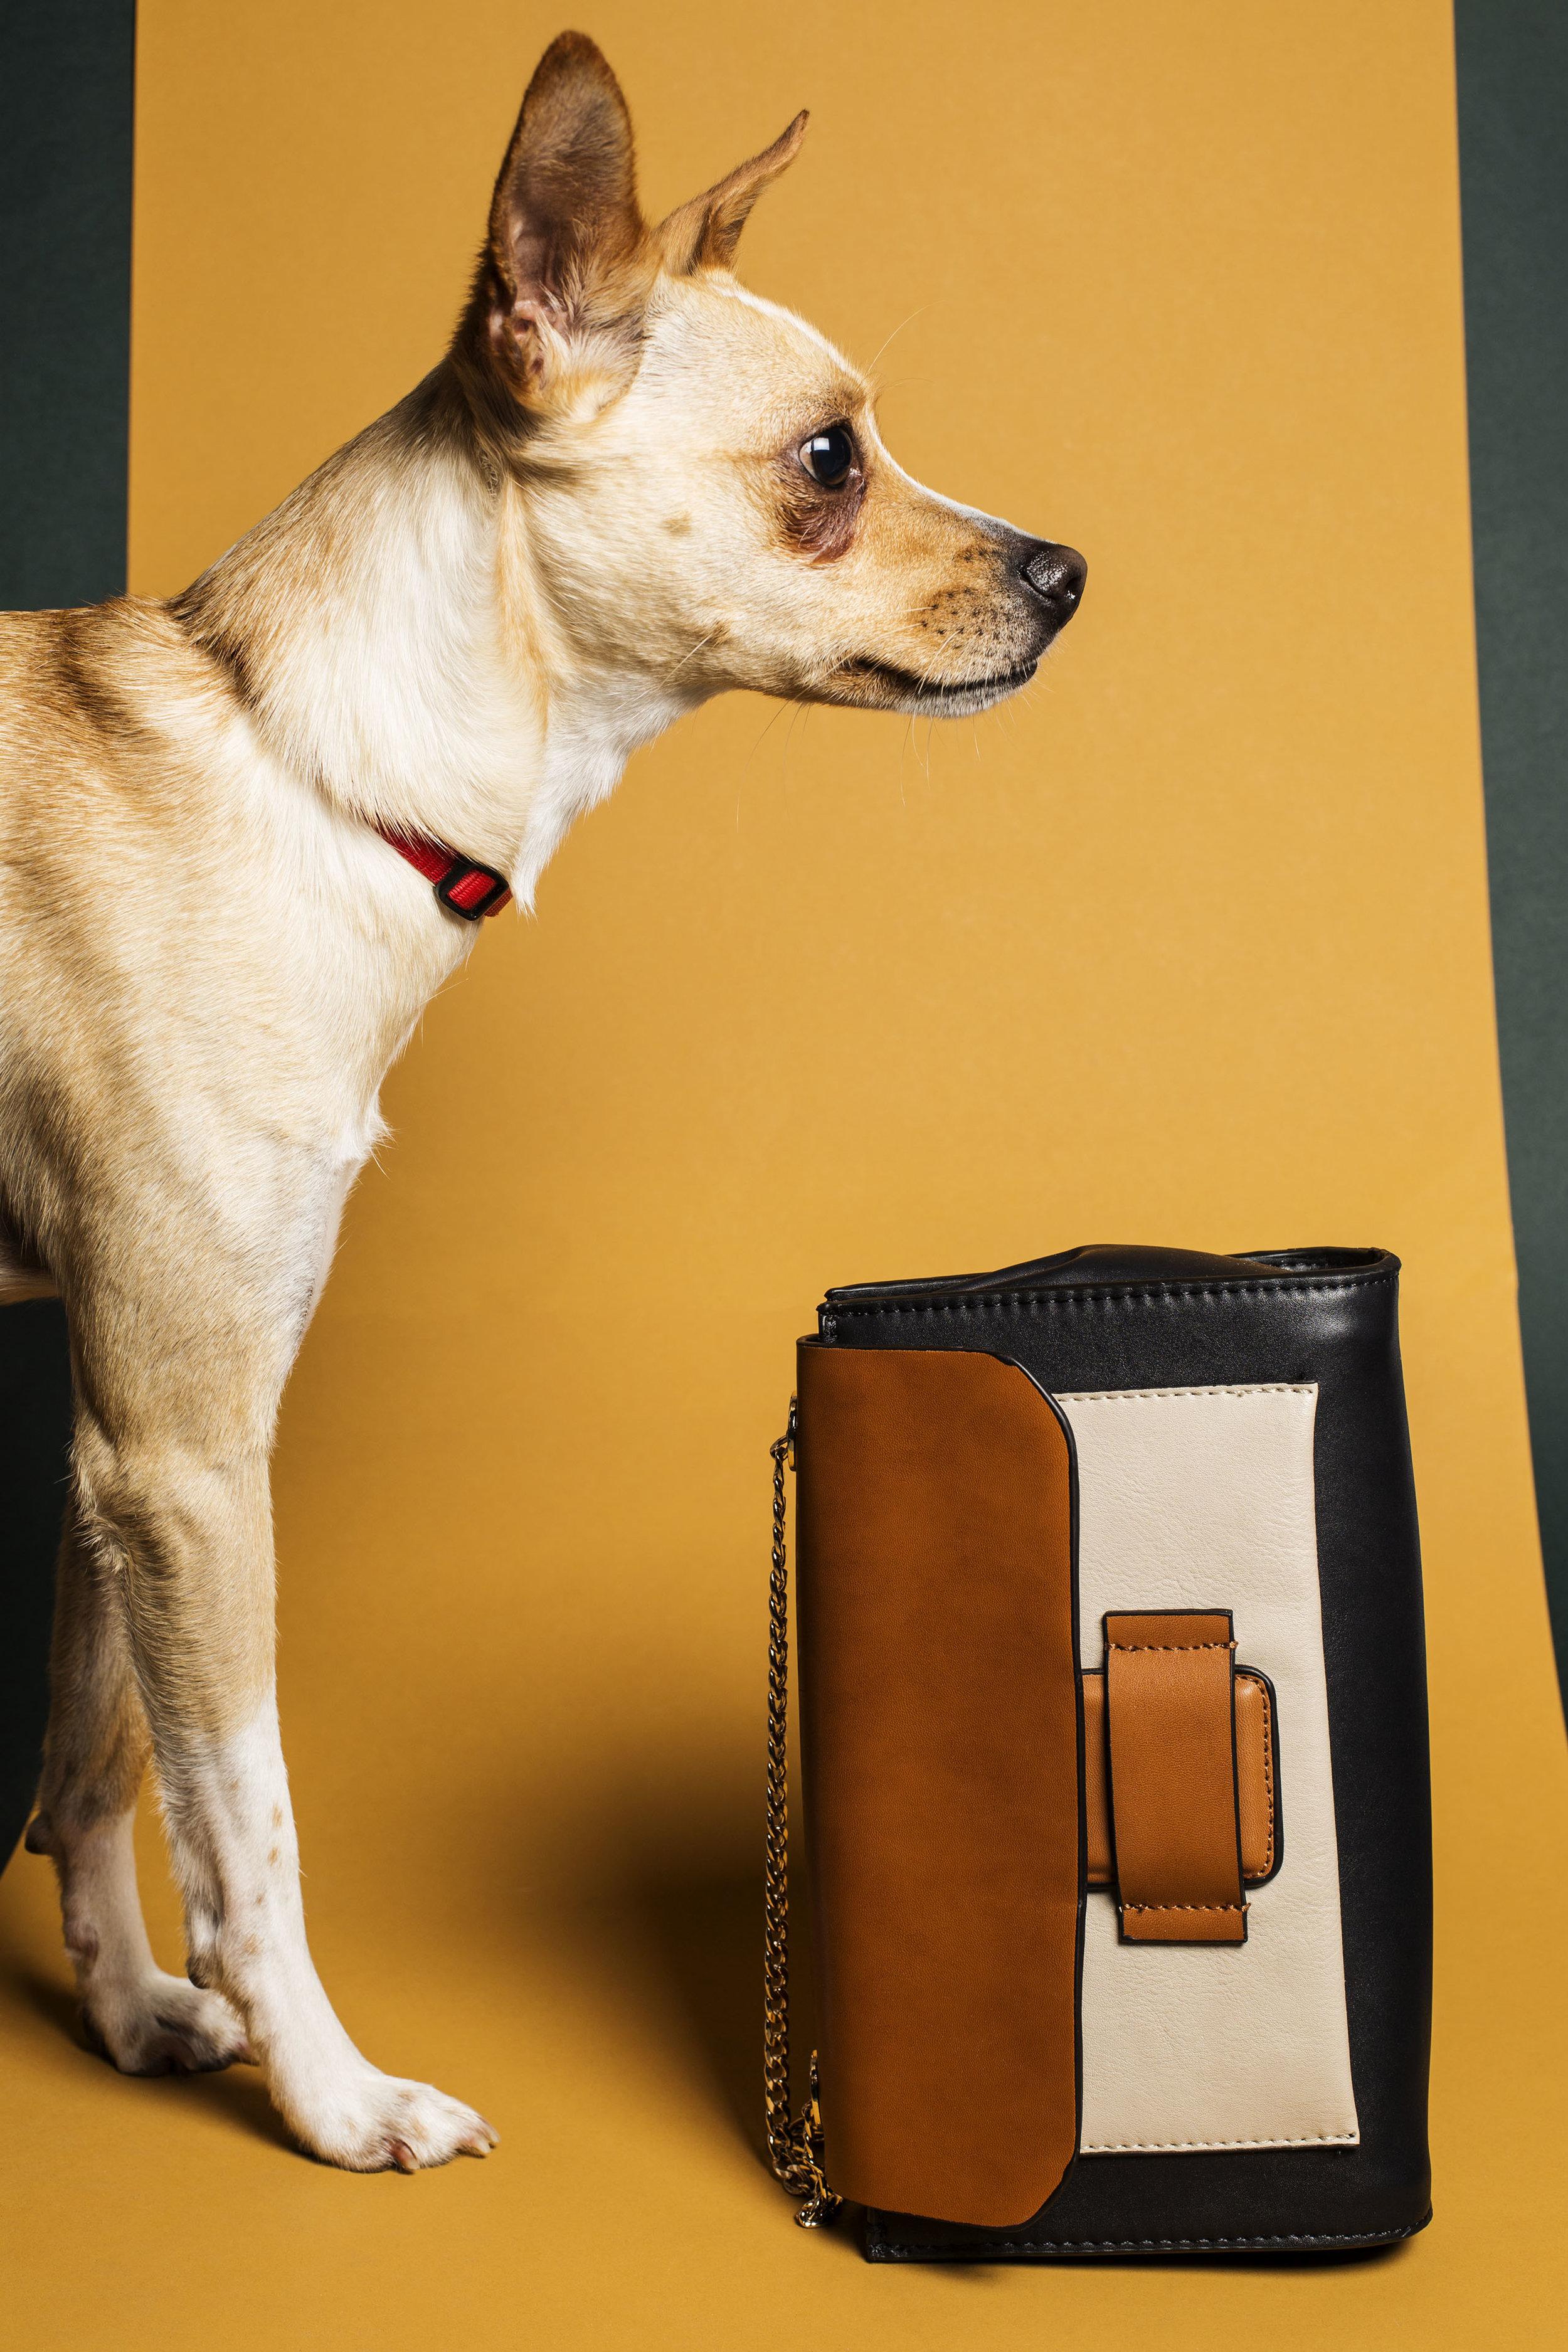 WEB_Fashion_Dog_X1A8531 (1).jpg